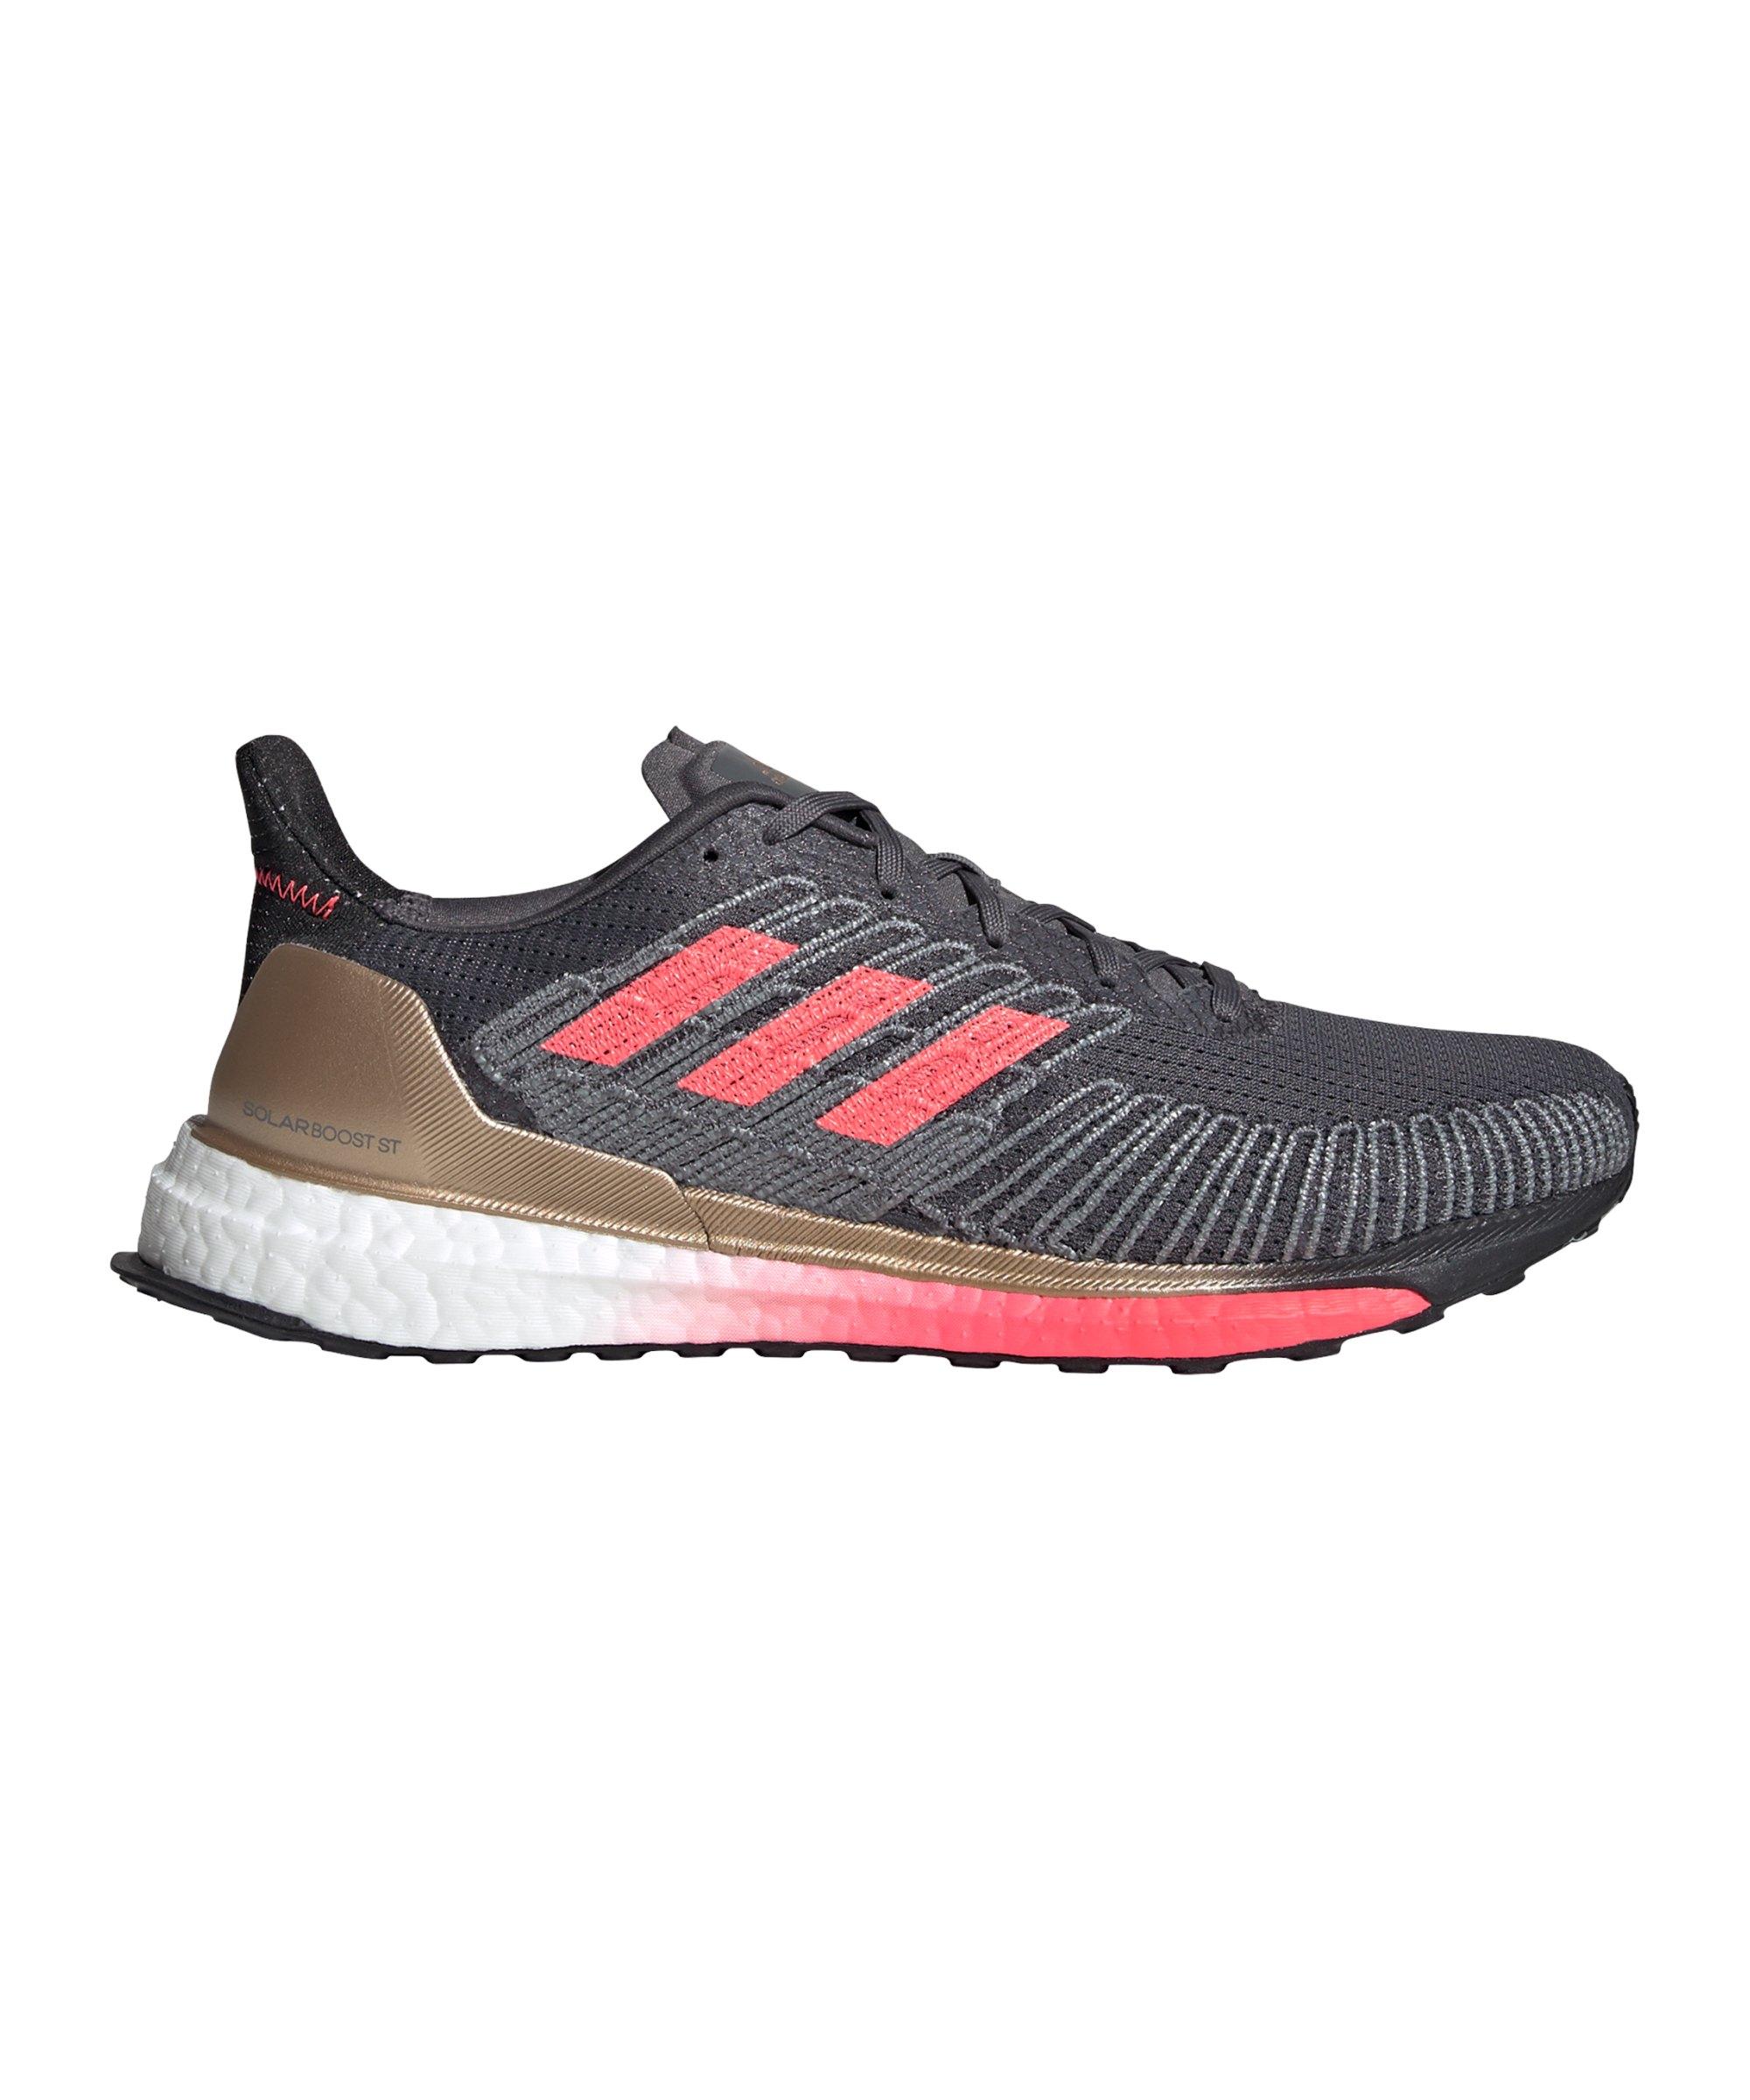 adidas Solar Boost ST 19 Running Grau Pink Weiss - grau